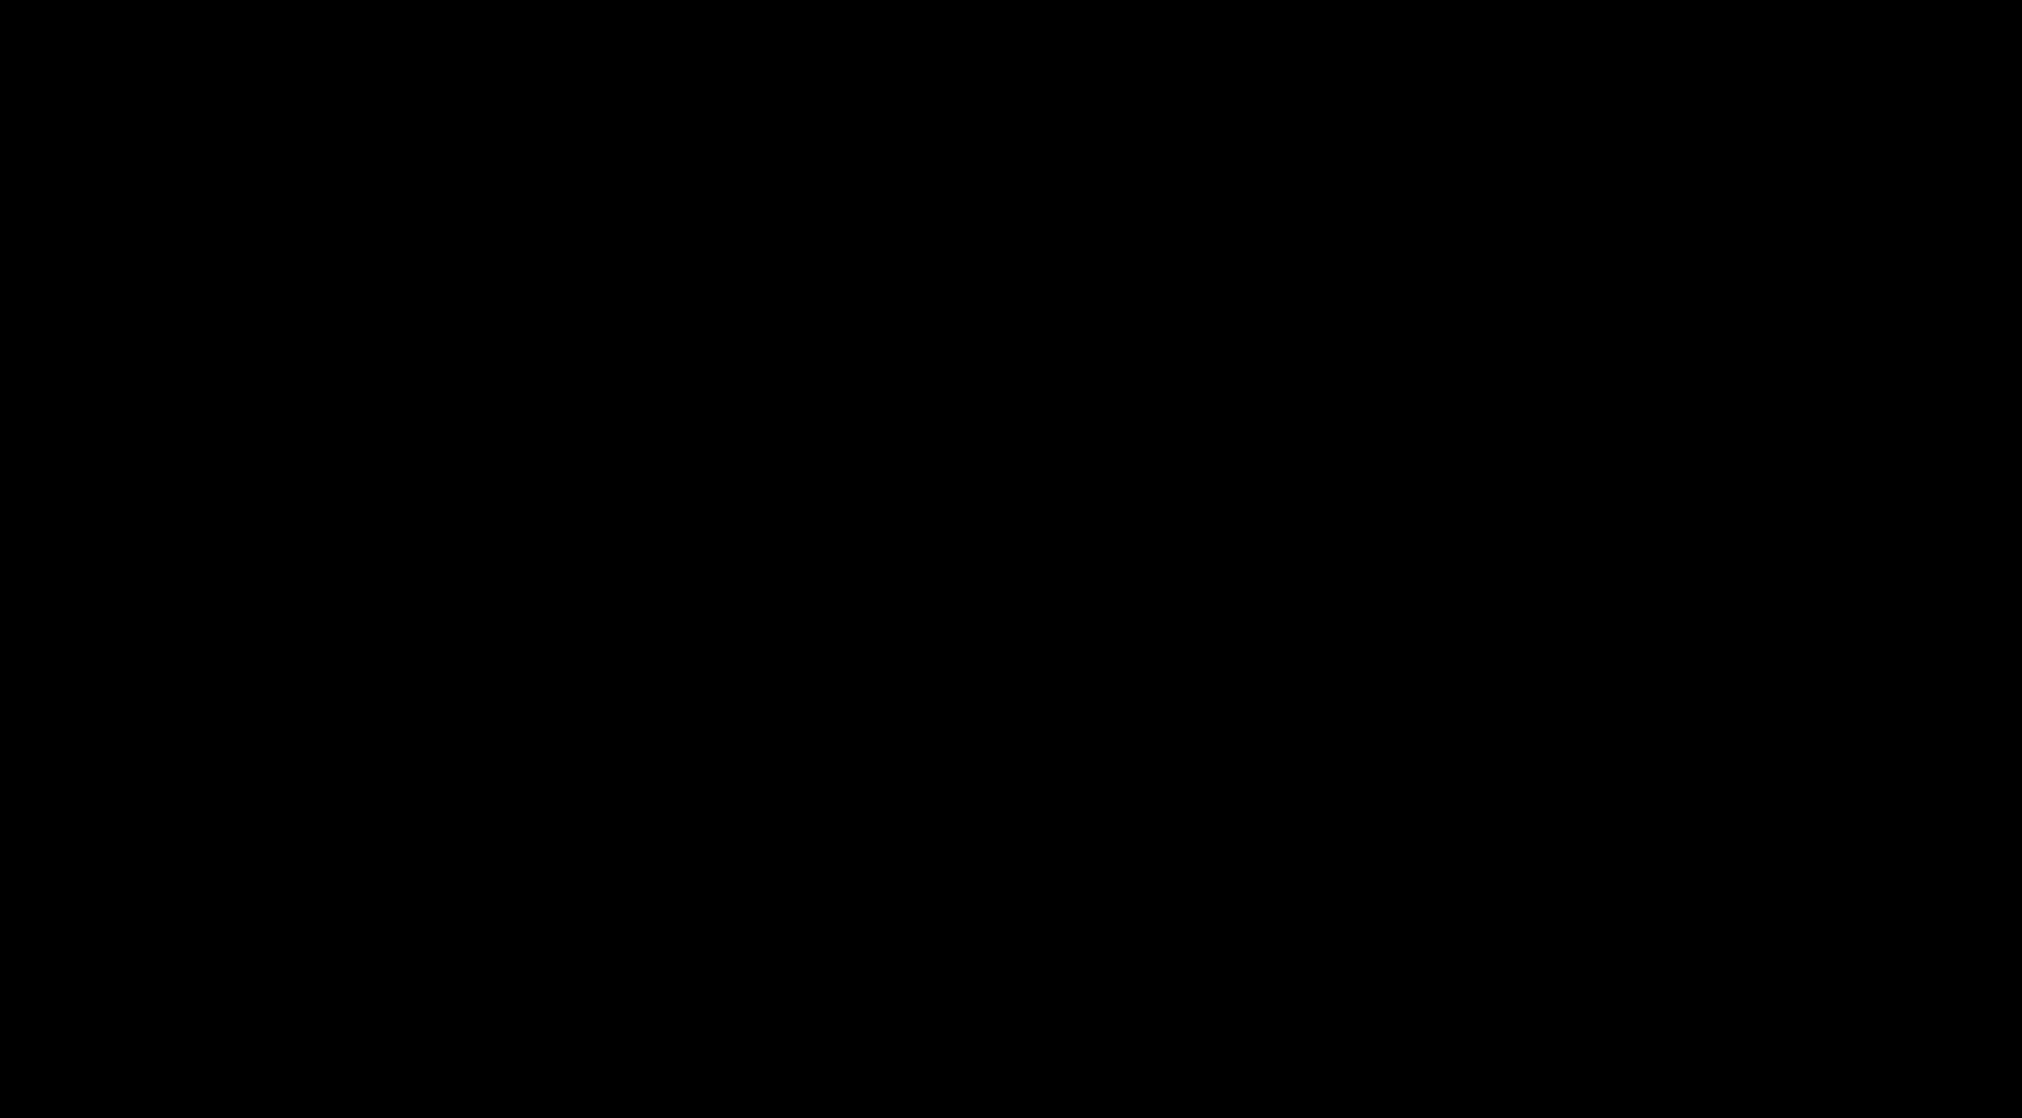 Kofferbakmat Kia Picanto - Velours